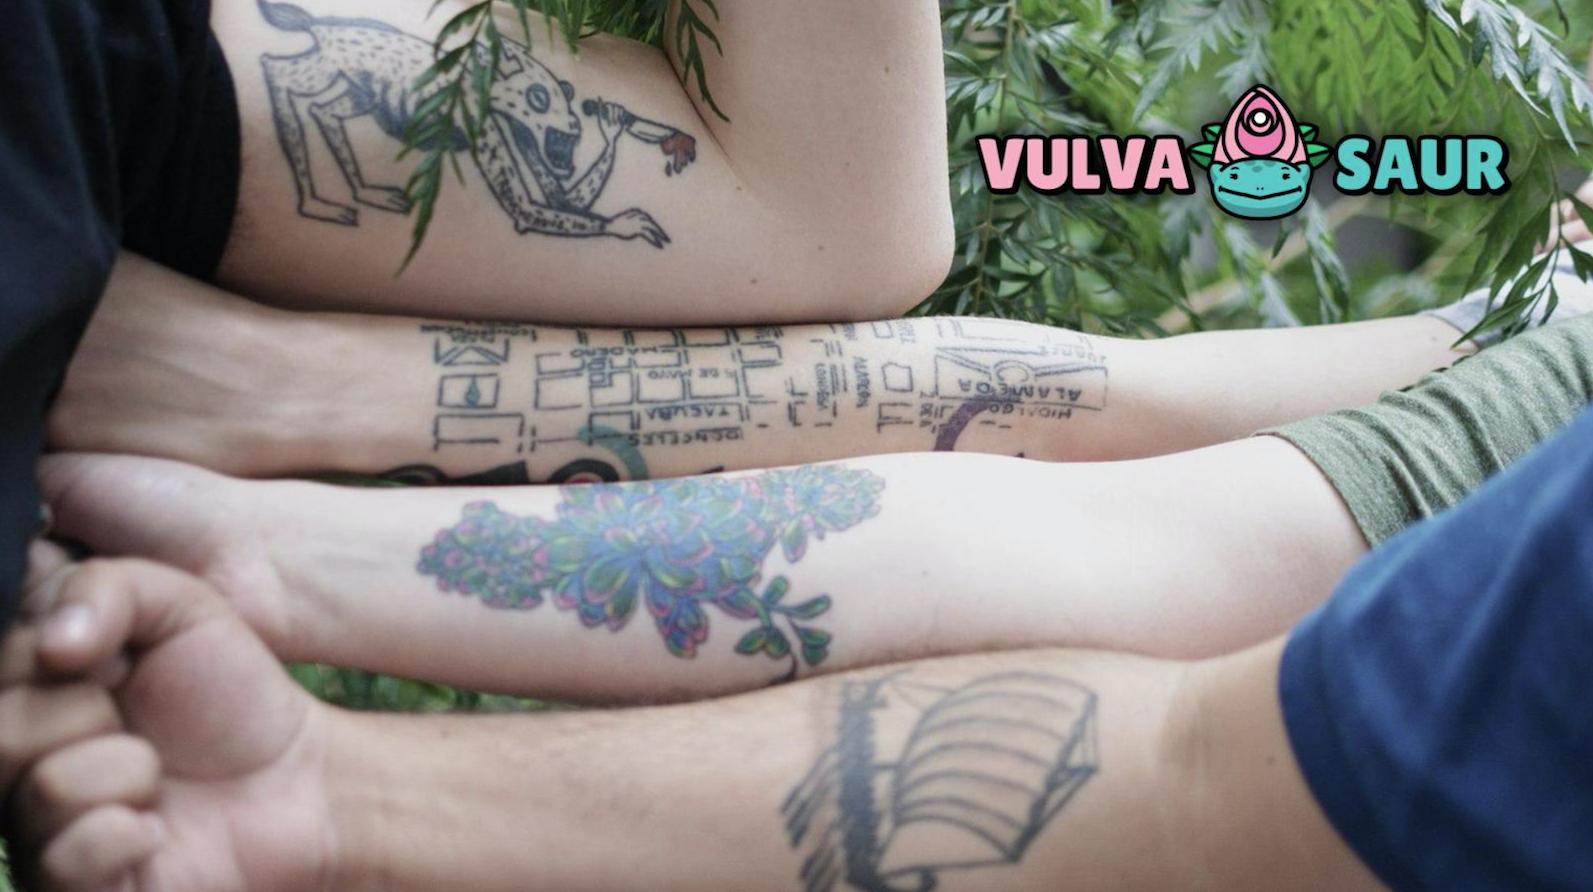 Vulvasaur, Tatuajes